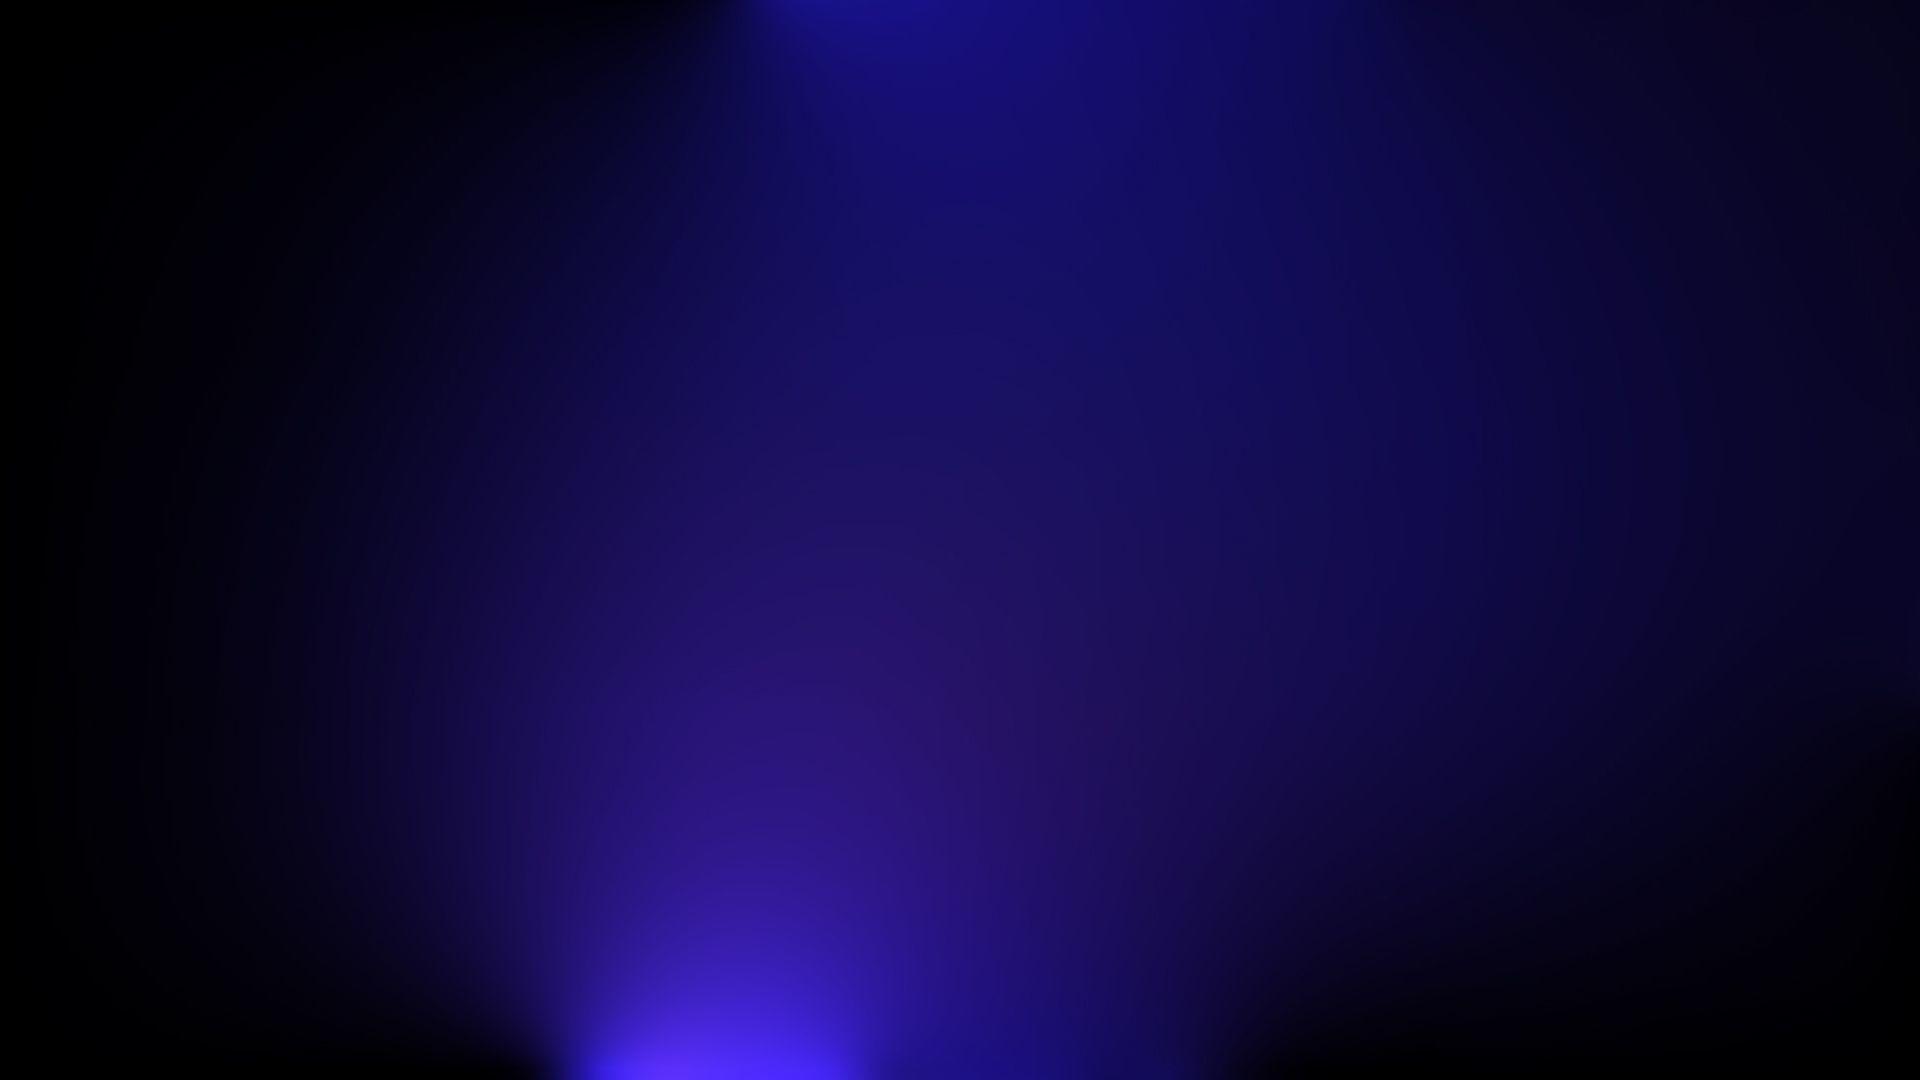 Plain Blue Screen Wallpaper 1920x1080 1